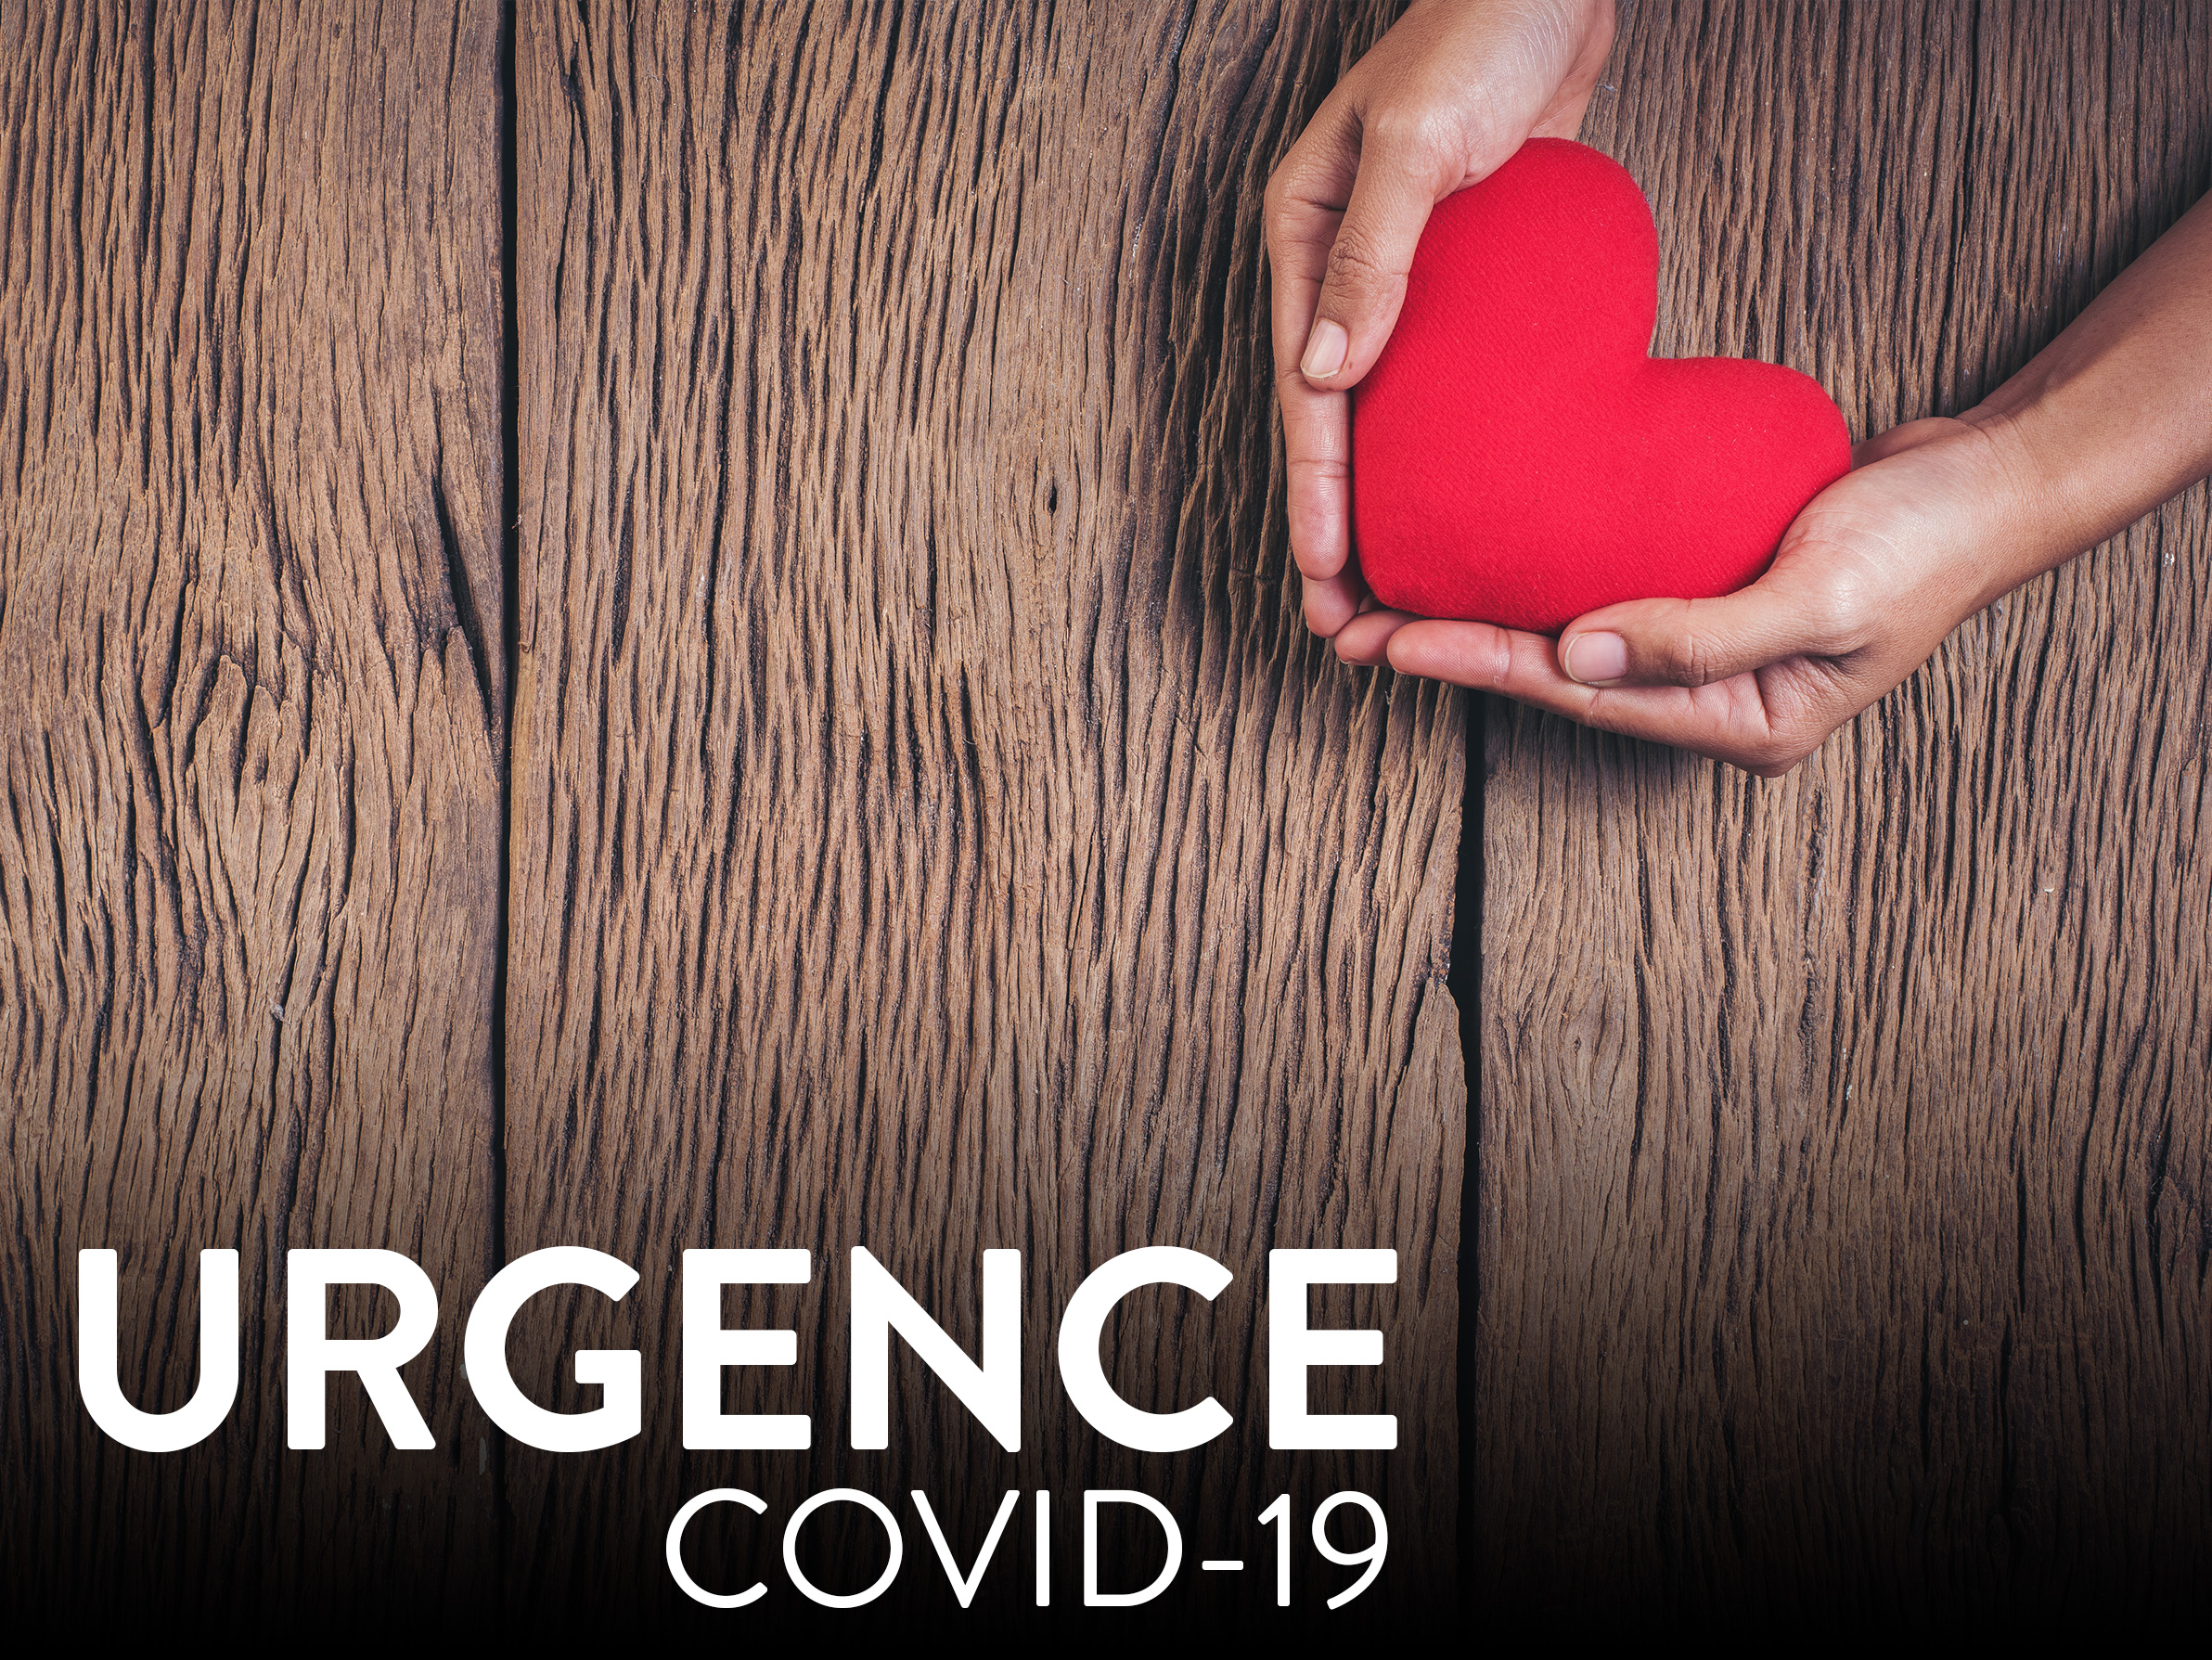 La pandémie de COVID-19 nous prive de vos dons.